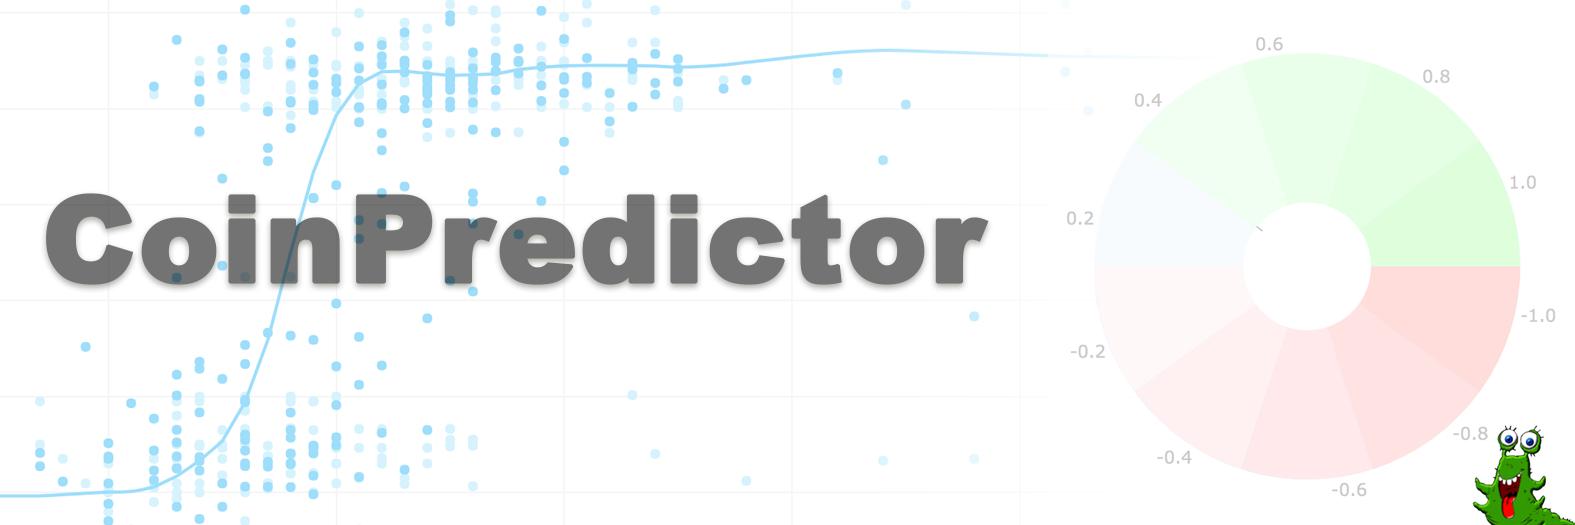 Coin Predictor